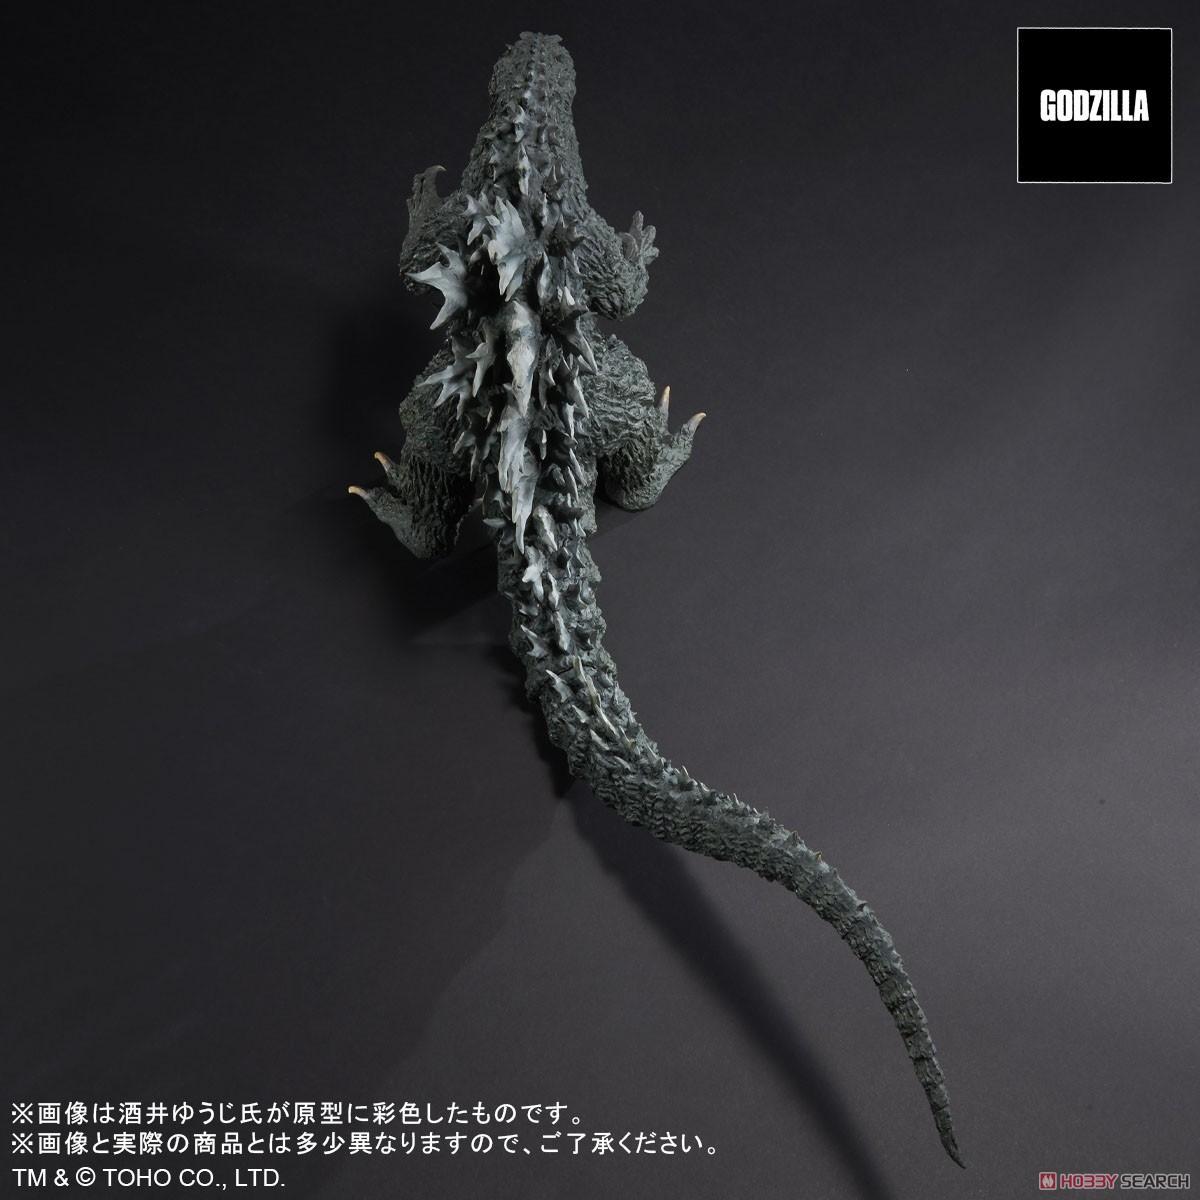 リアルマスターコレクション『ゴジラ2000 ミレニアムひな形レプリカ ソフビ版』完成品フィギュア-006